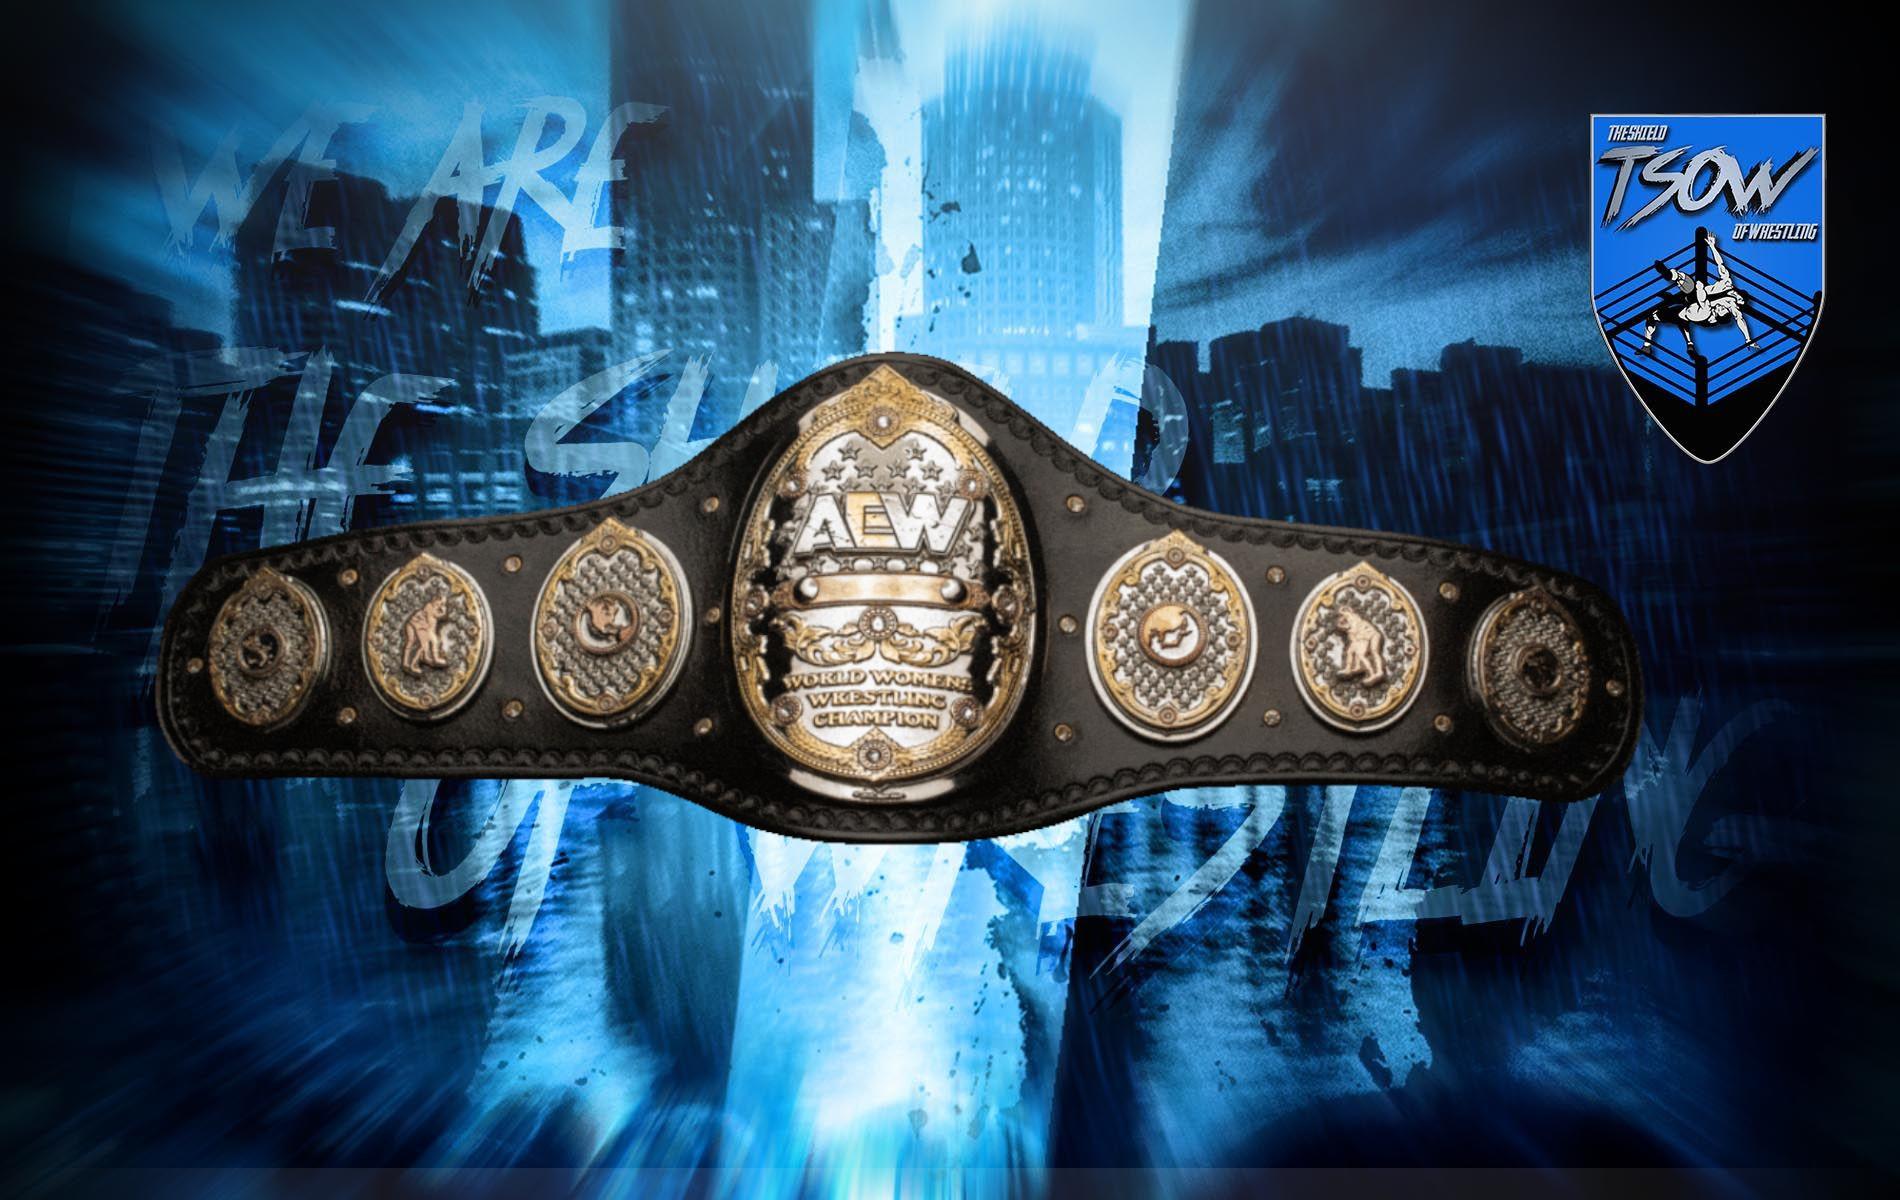 AEW Women's Championship: presentata la nuova cintura